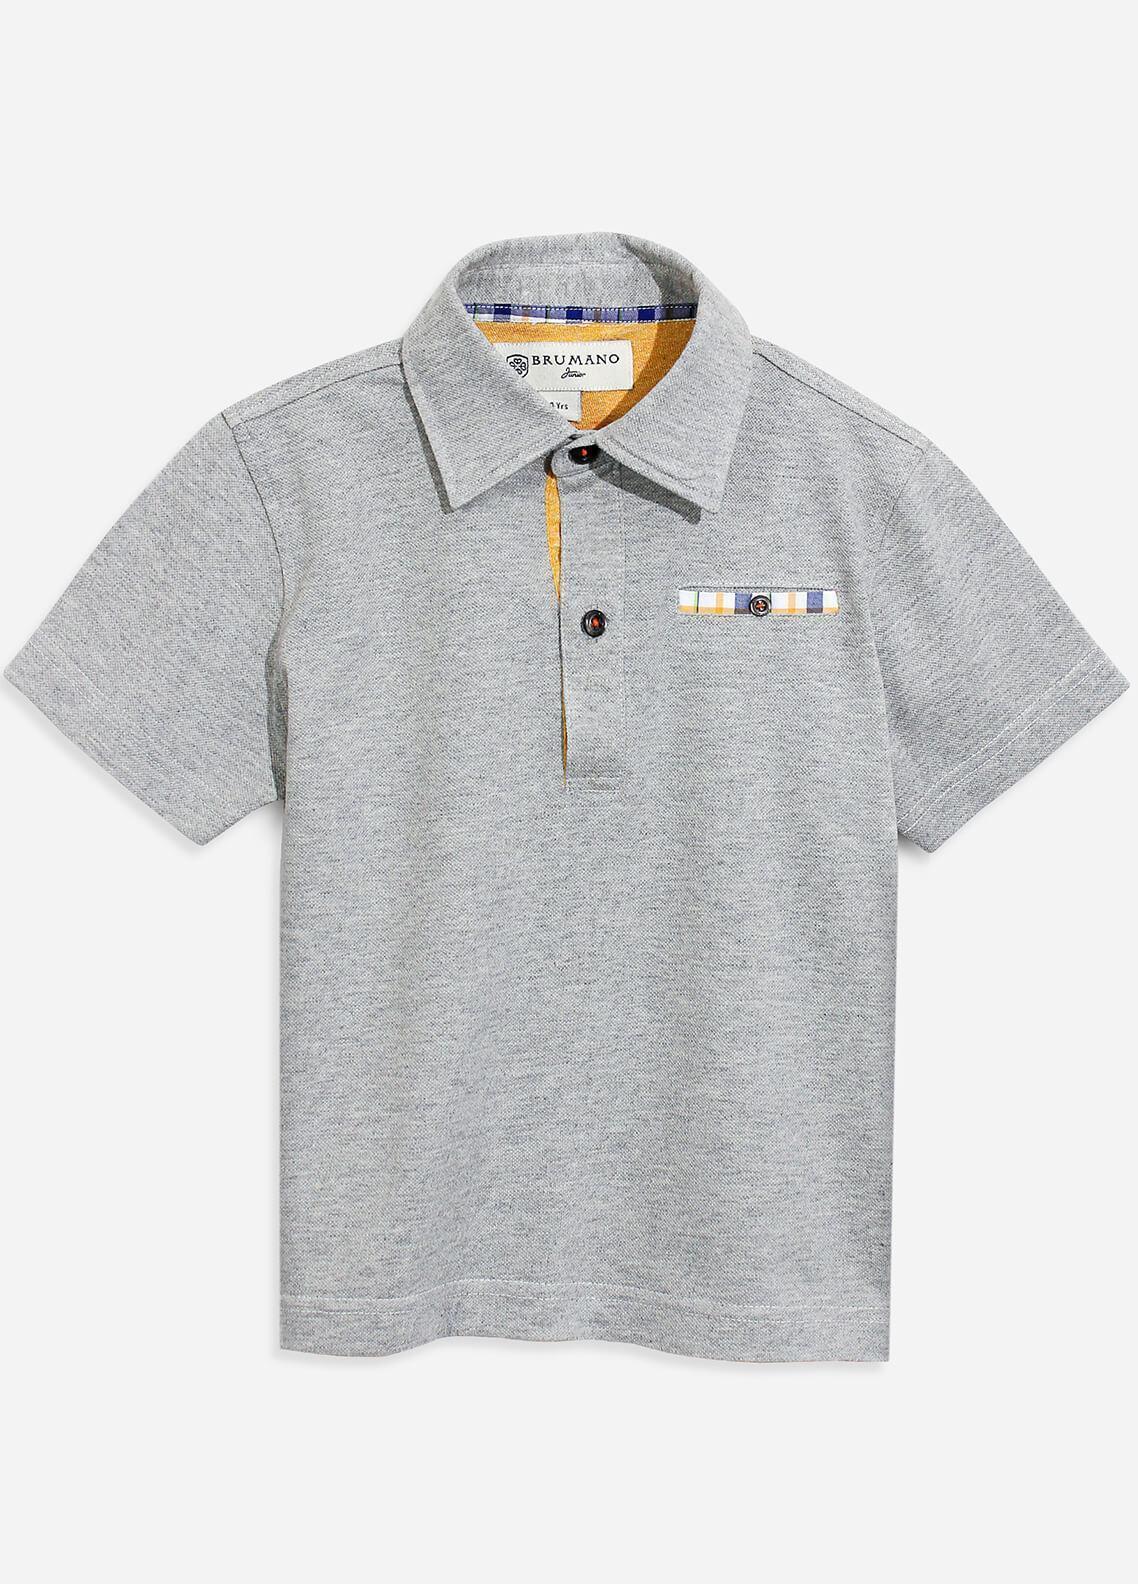 Brumano Cotton Polo Boys Shirts - Grey BRM-088